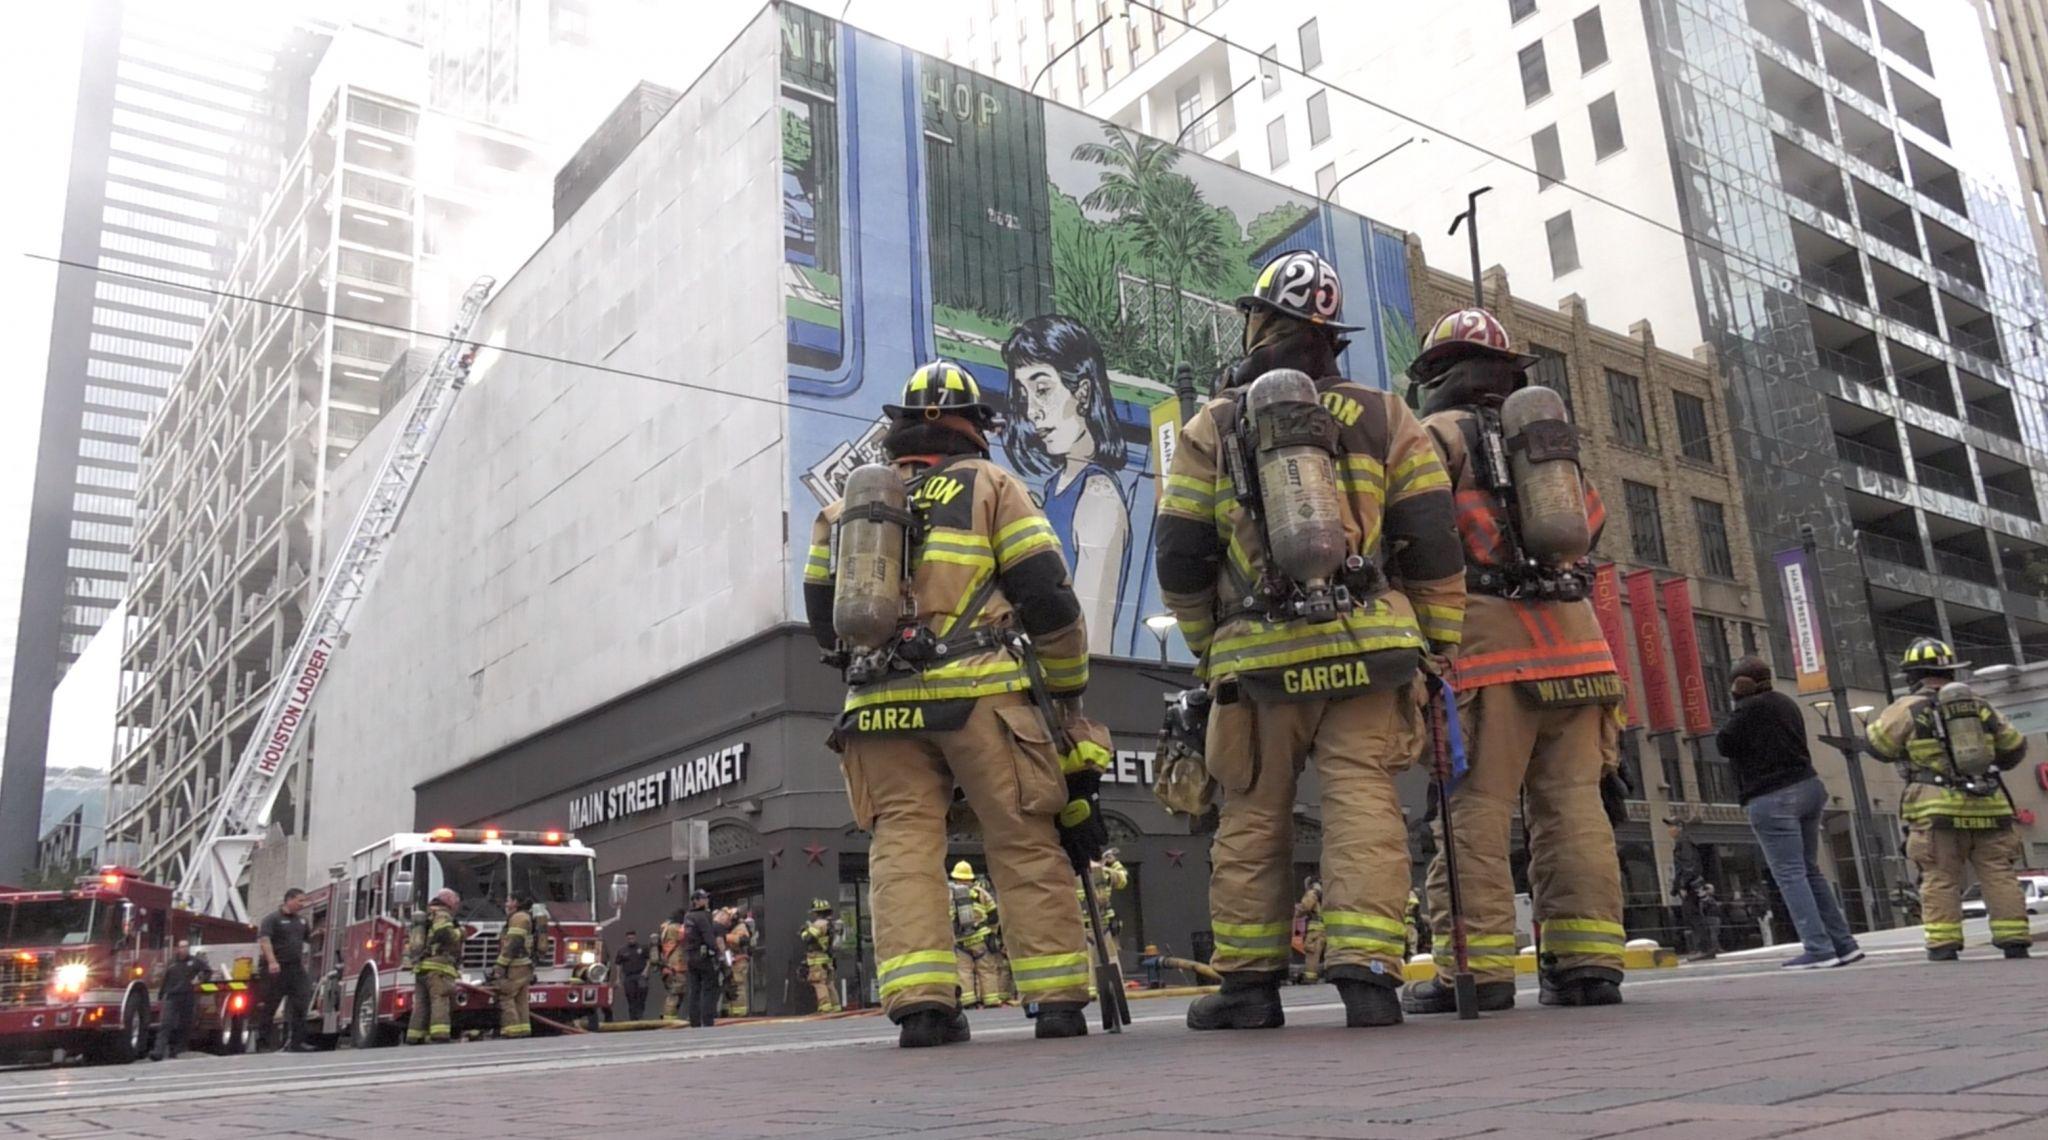 4-alarm fire breaks out in downtown Houston market